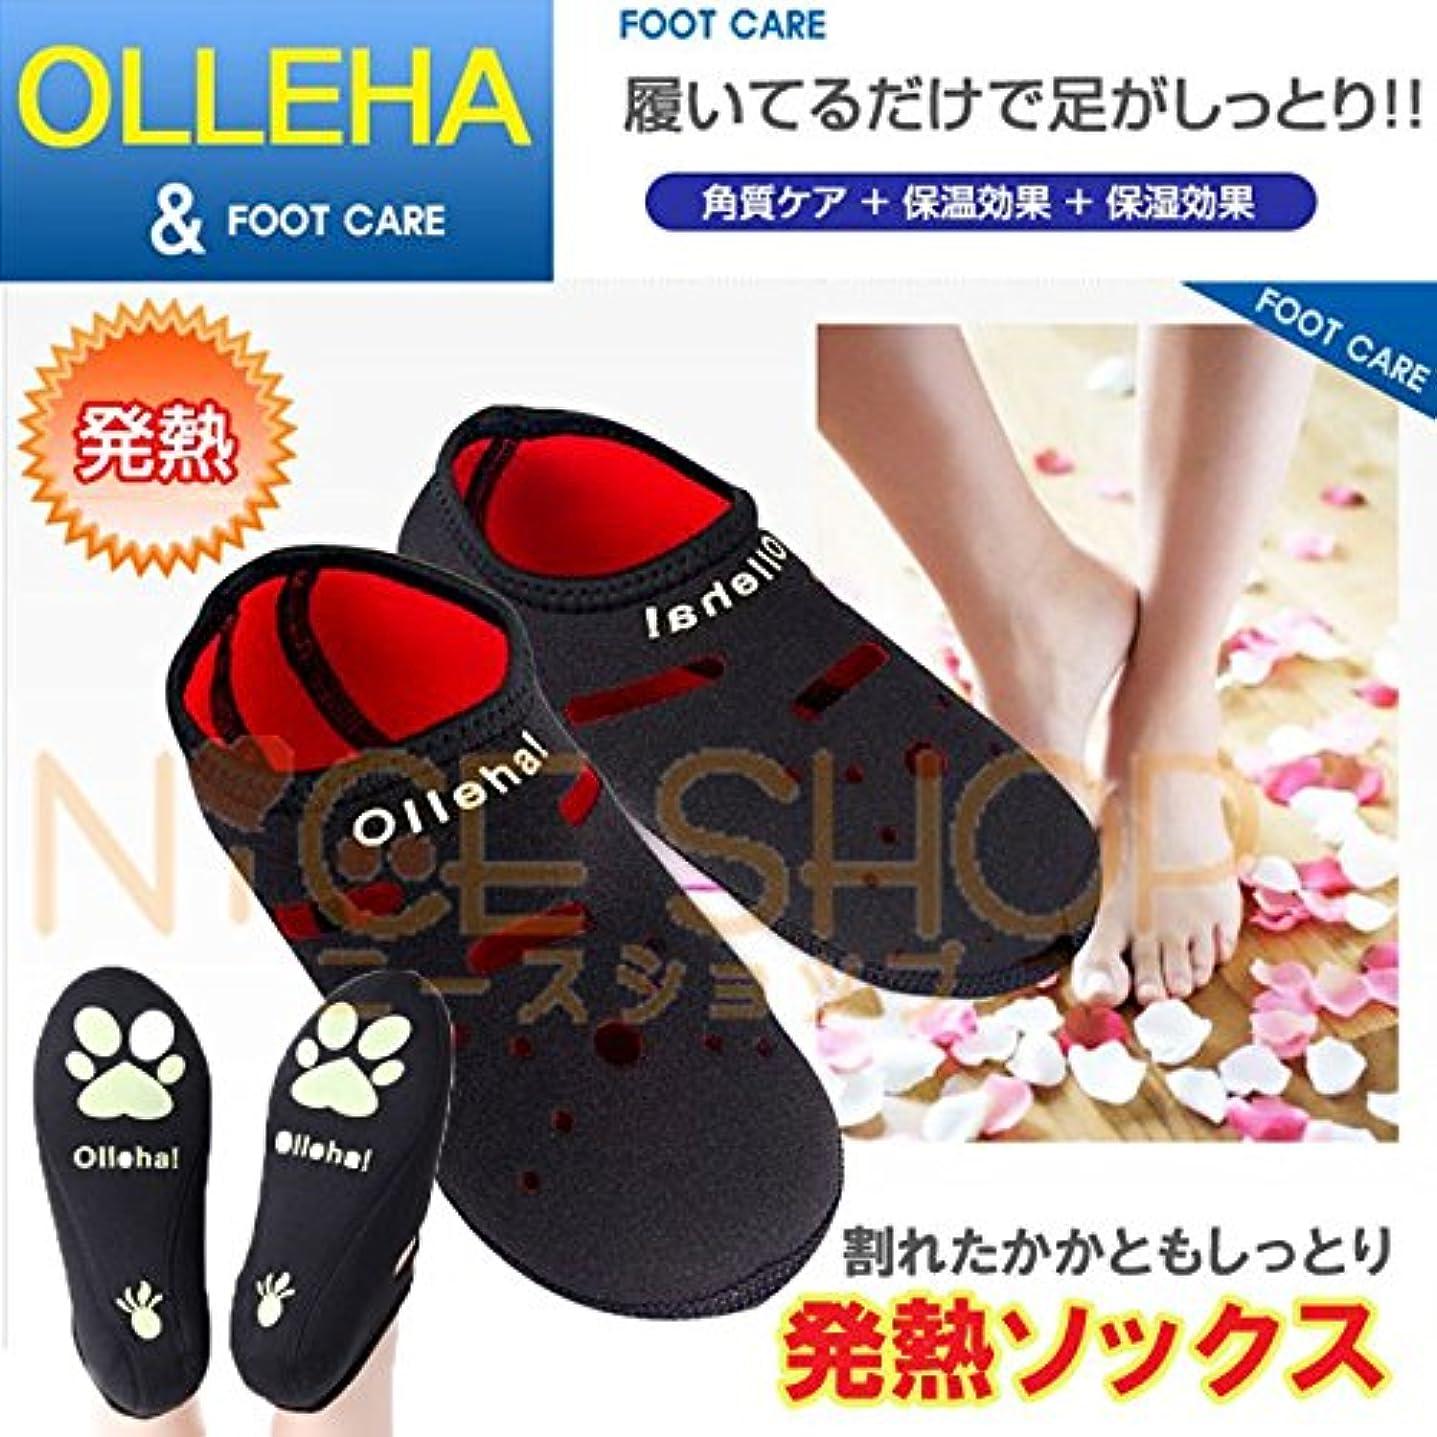 発熱靴下(足袋)発熱ソックス、フットケアー Olleha! (L(25.0~27.5))